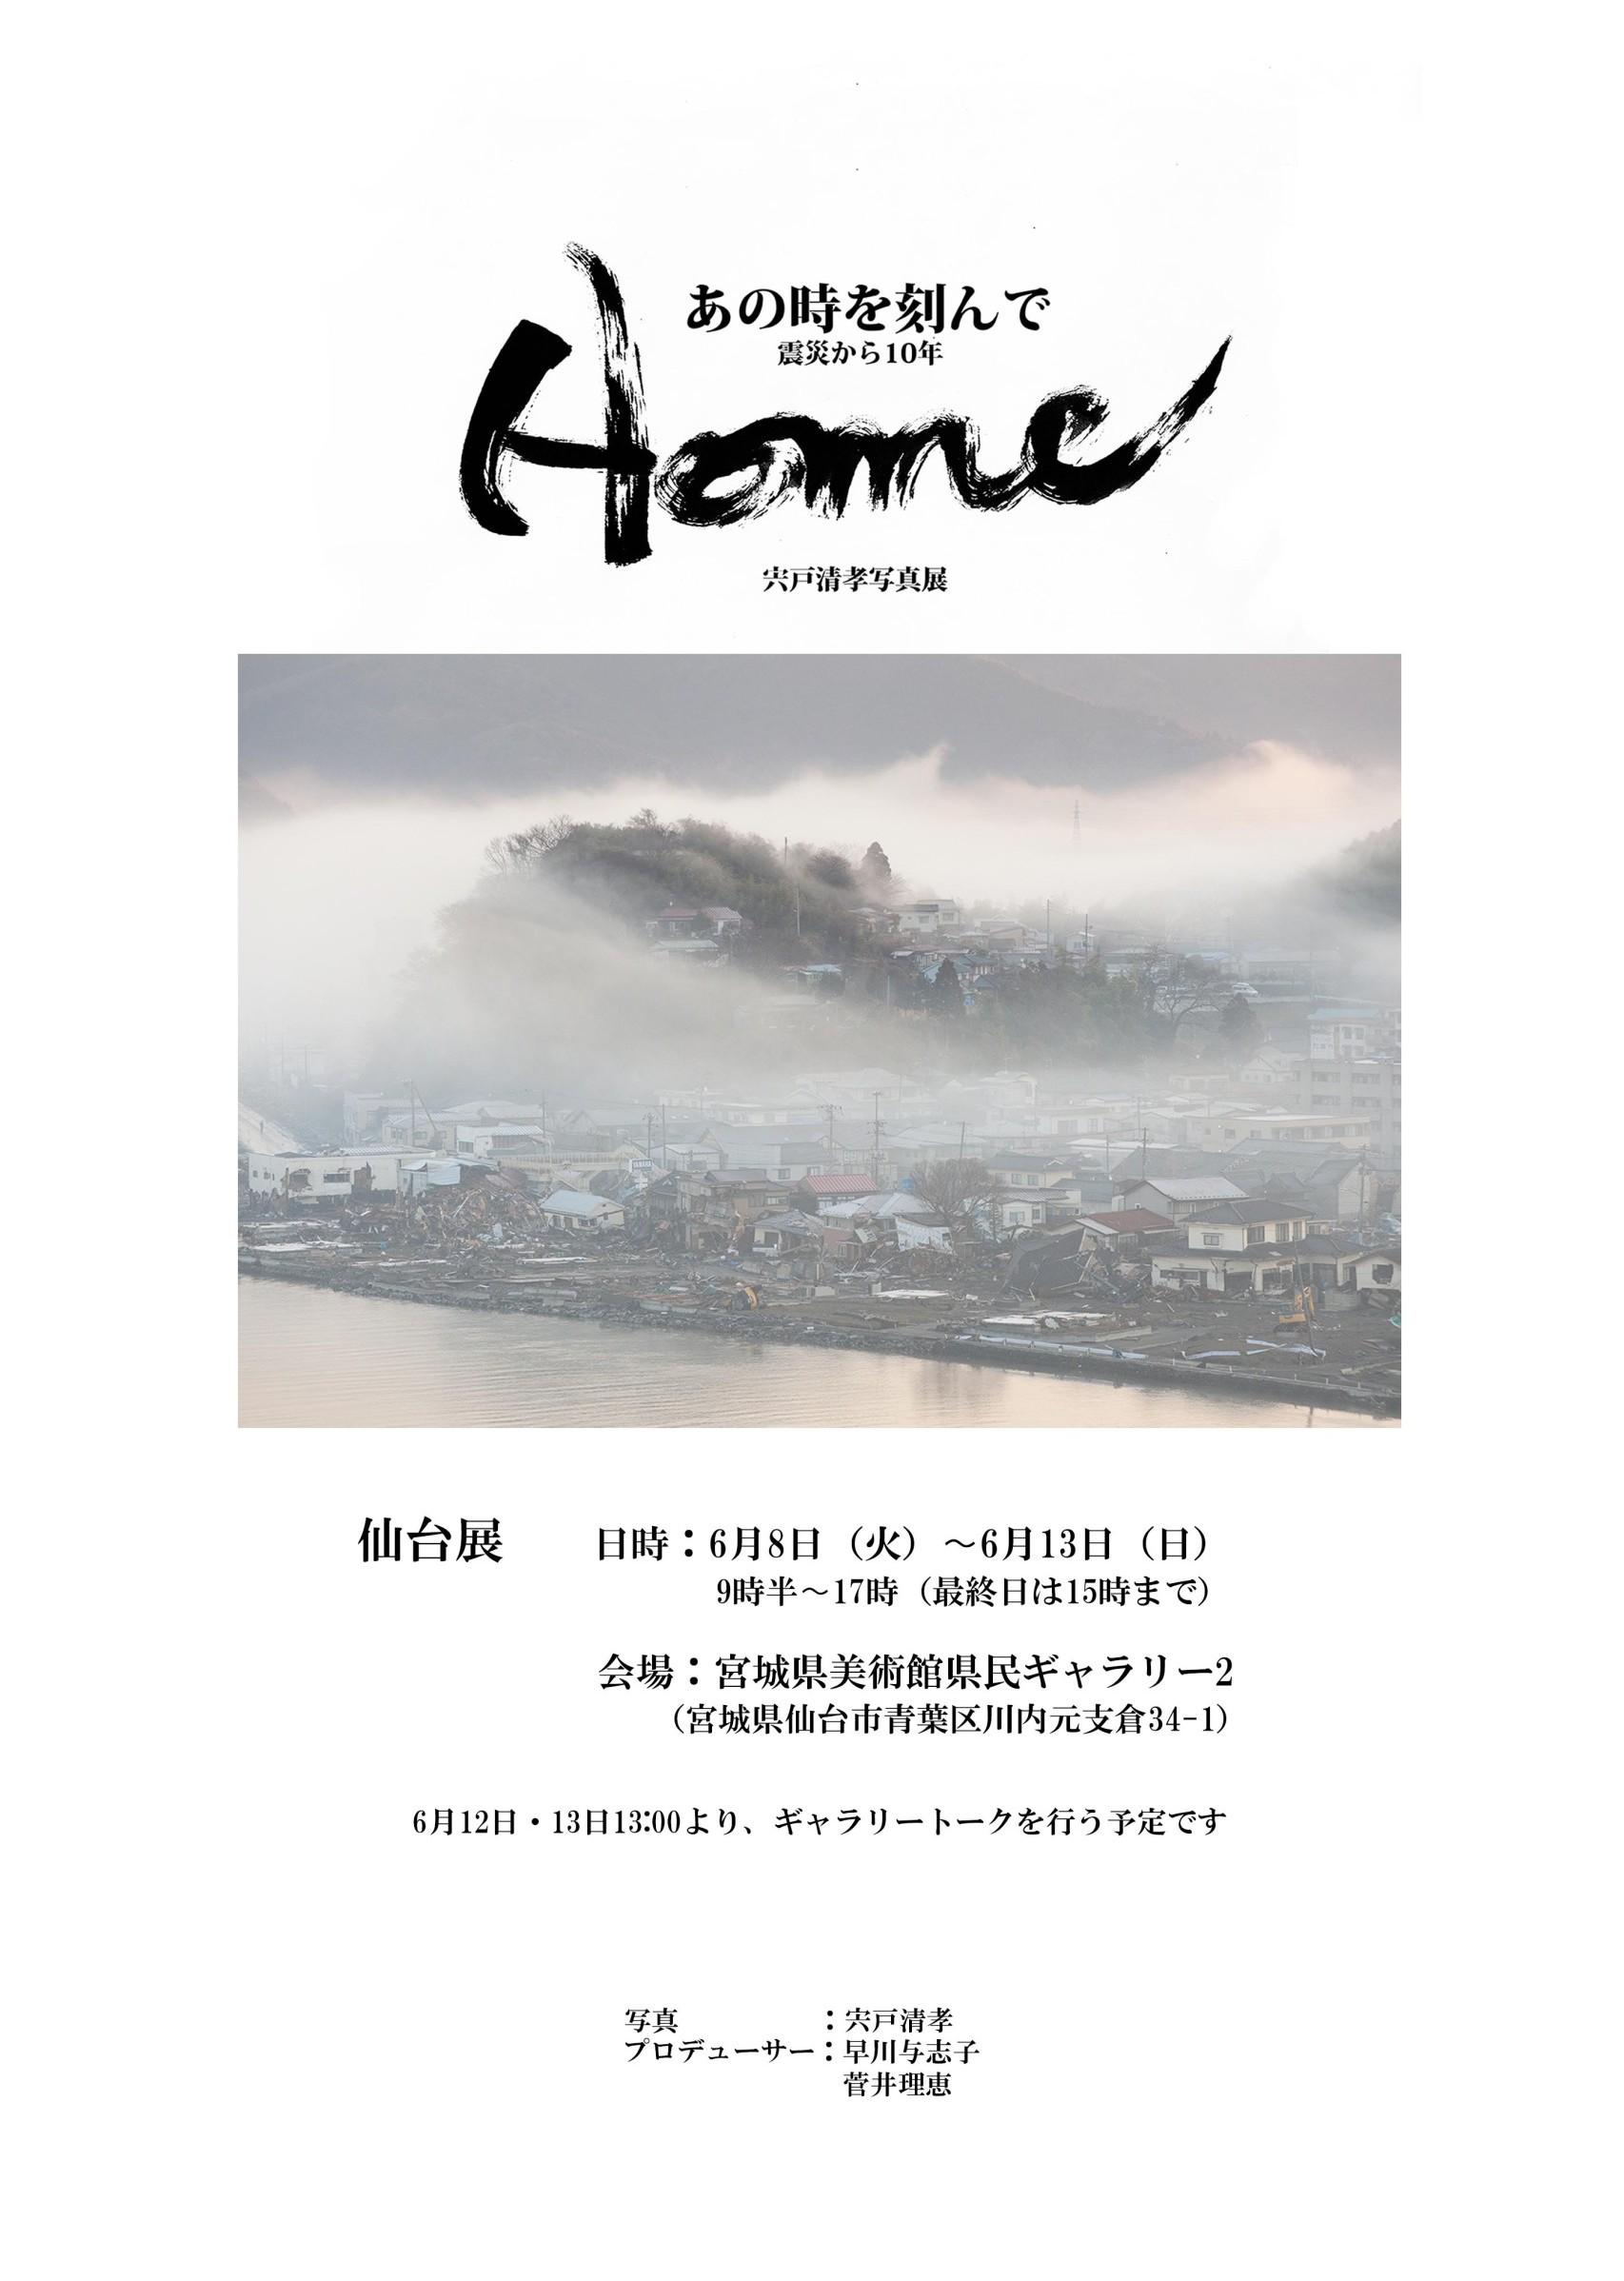 ◆「あの時を刻んで 震災から10年 Home」 宍戸清孝写真展は6月8日(火)~に変更になりました。